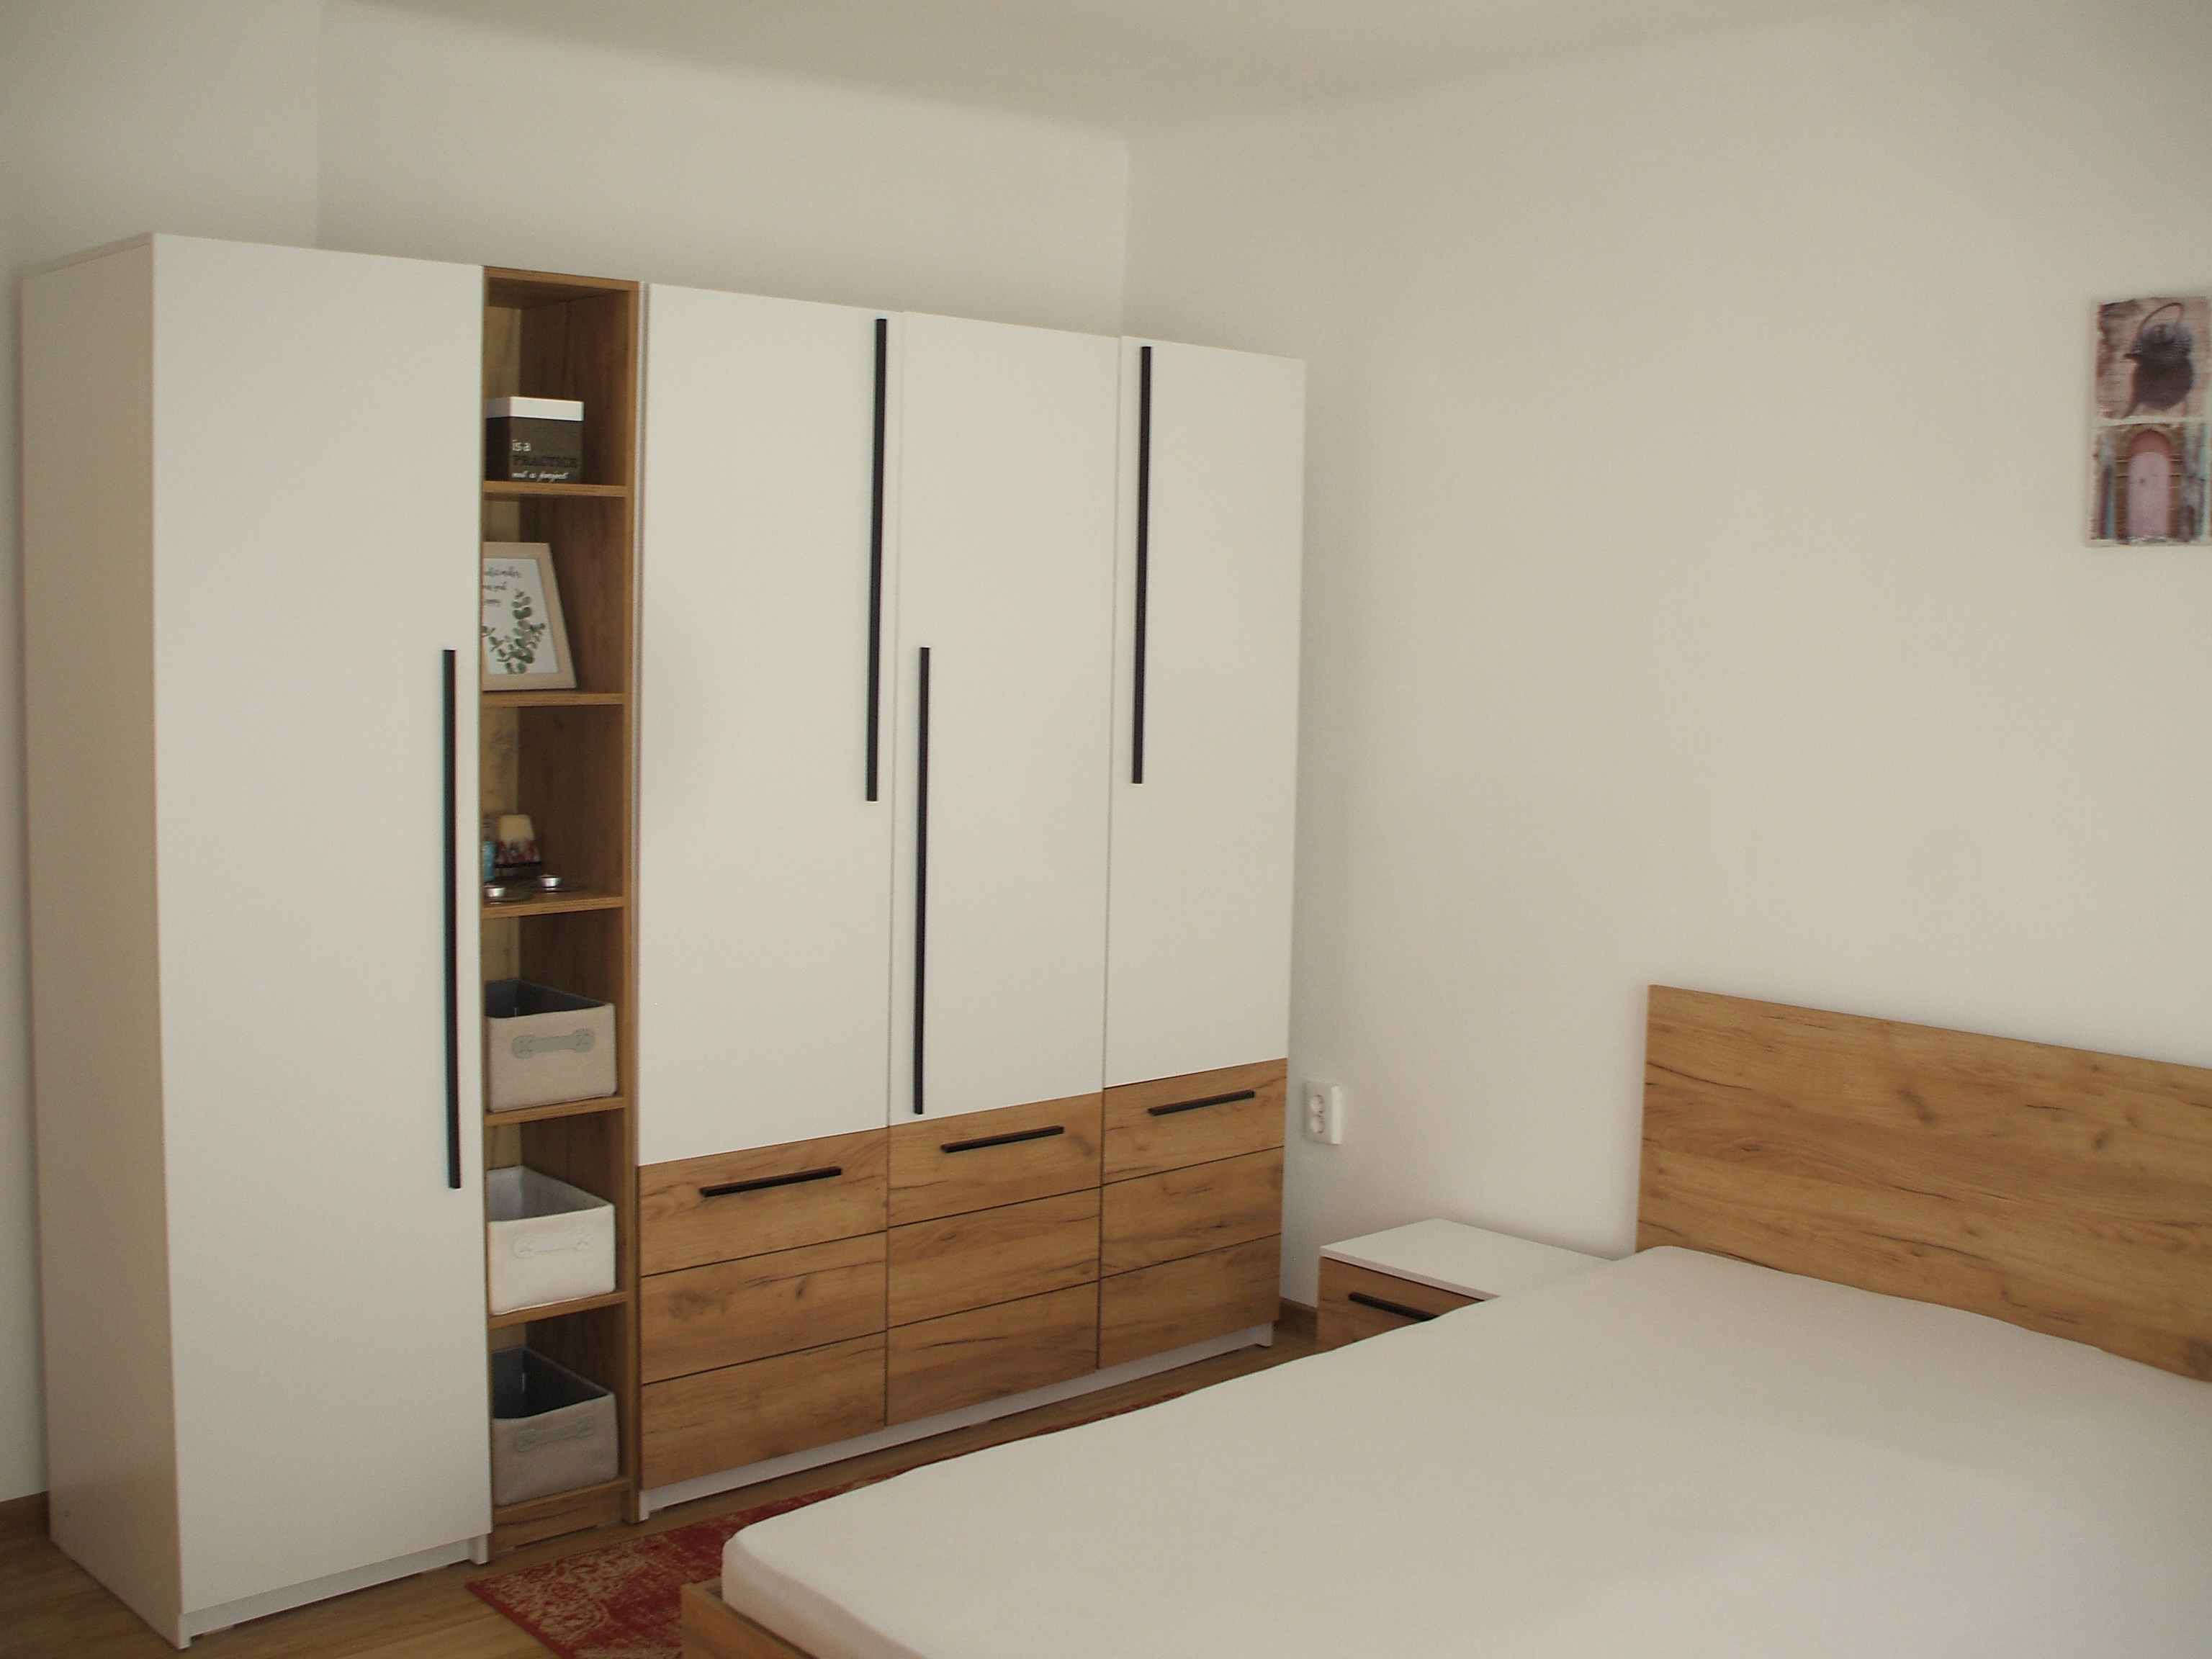 Apartament 2 camere 7 Noiembrie